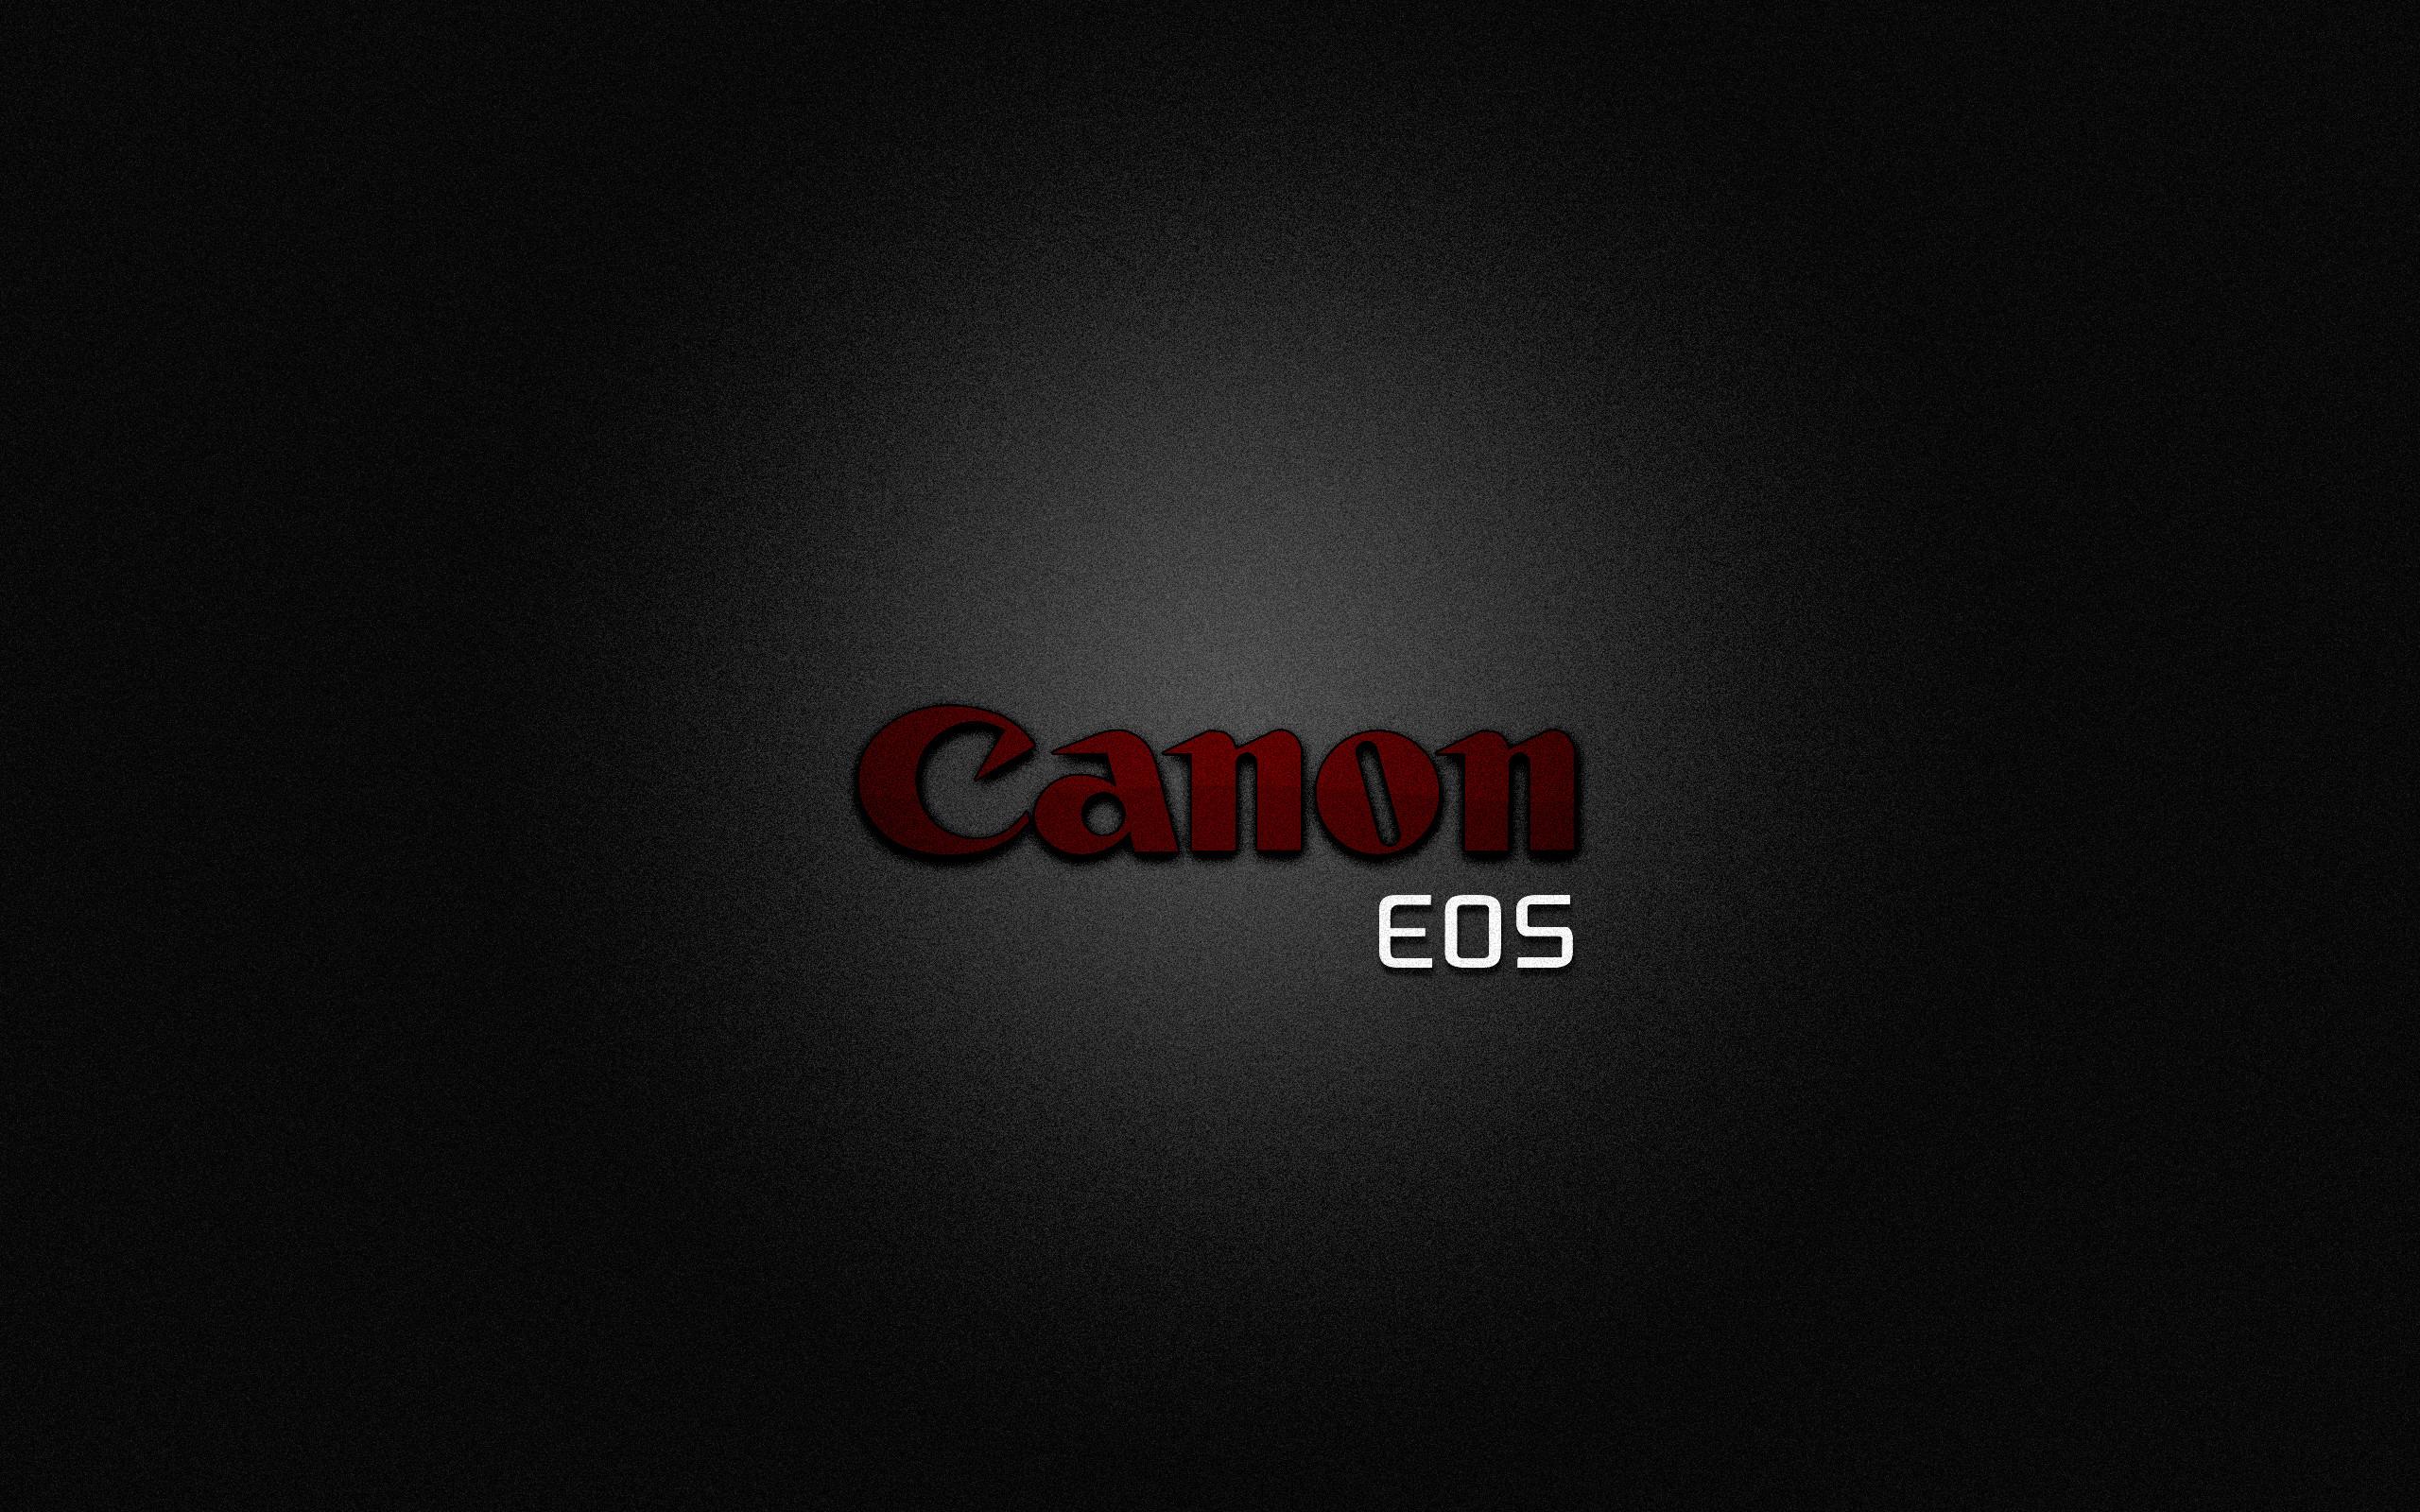 Canon Logo Wallpaper